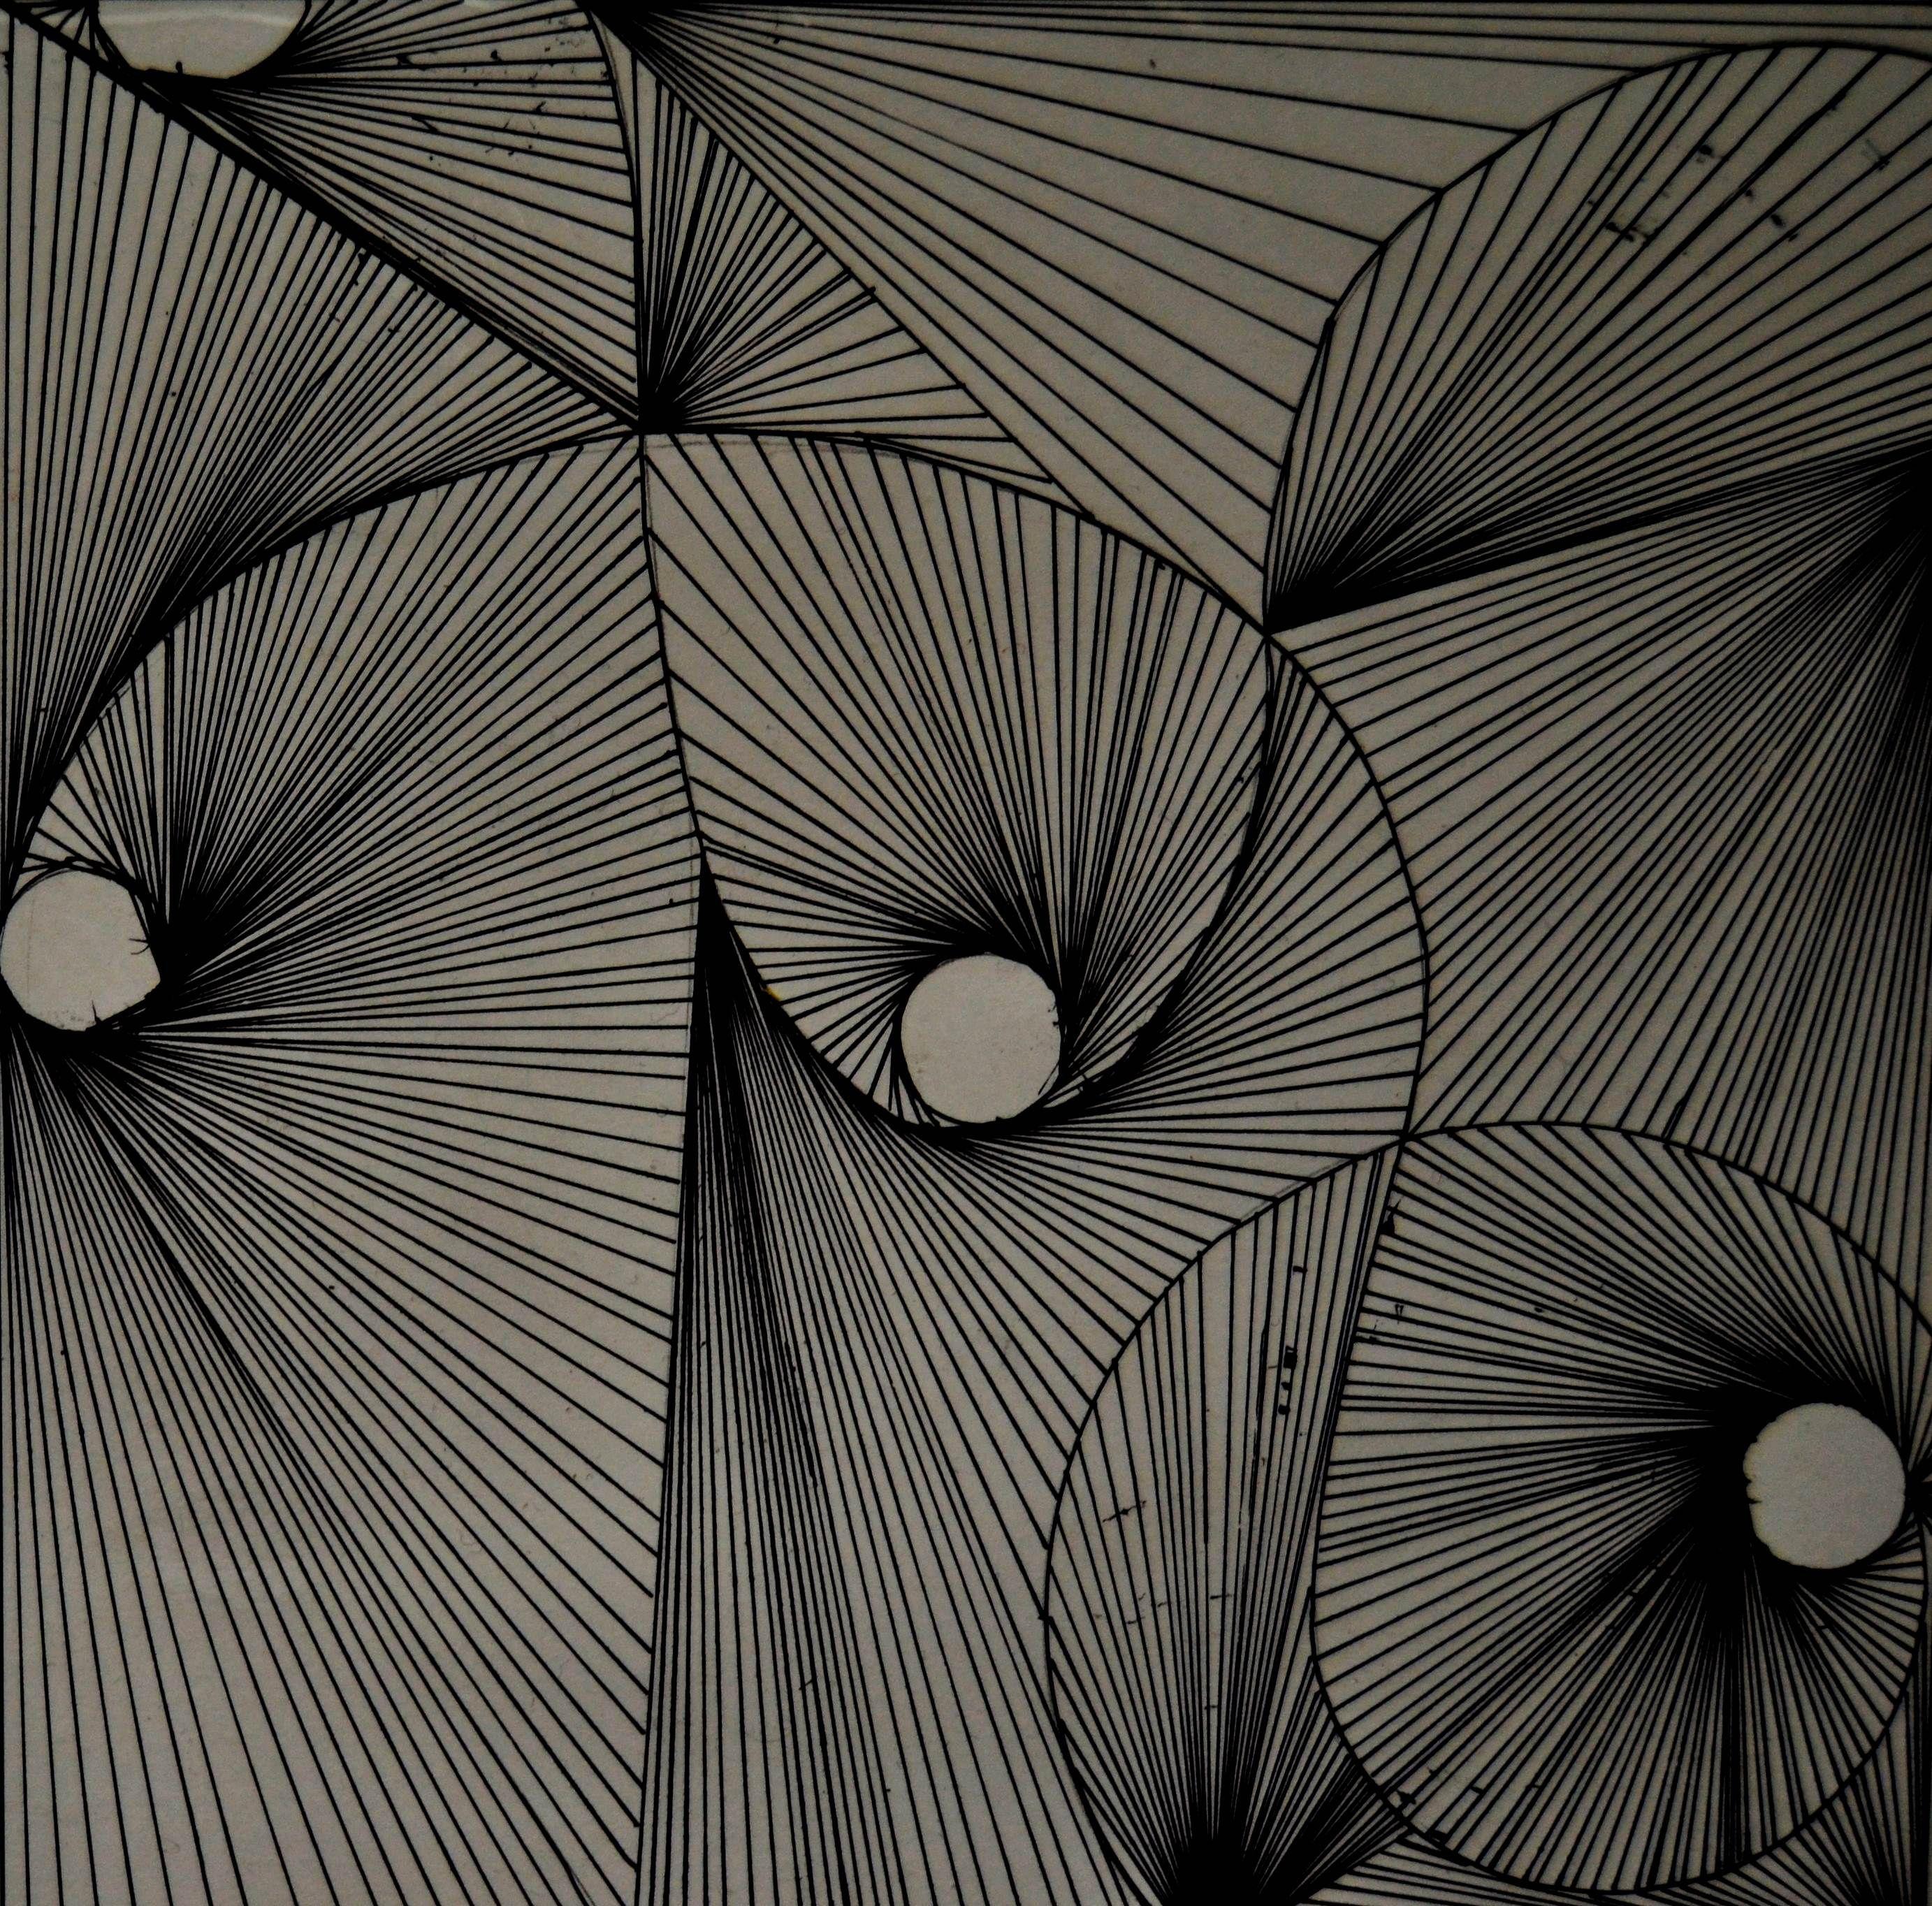 Cizgi Calismasi Optik Illuzyon Sanati Ilham Veren Sanat